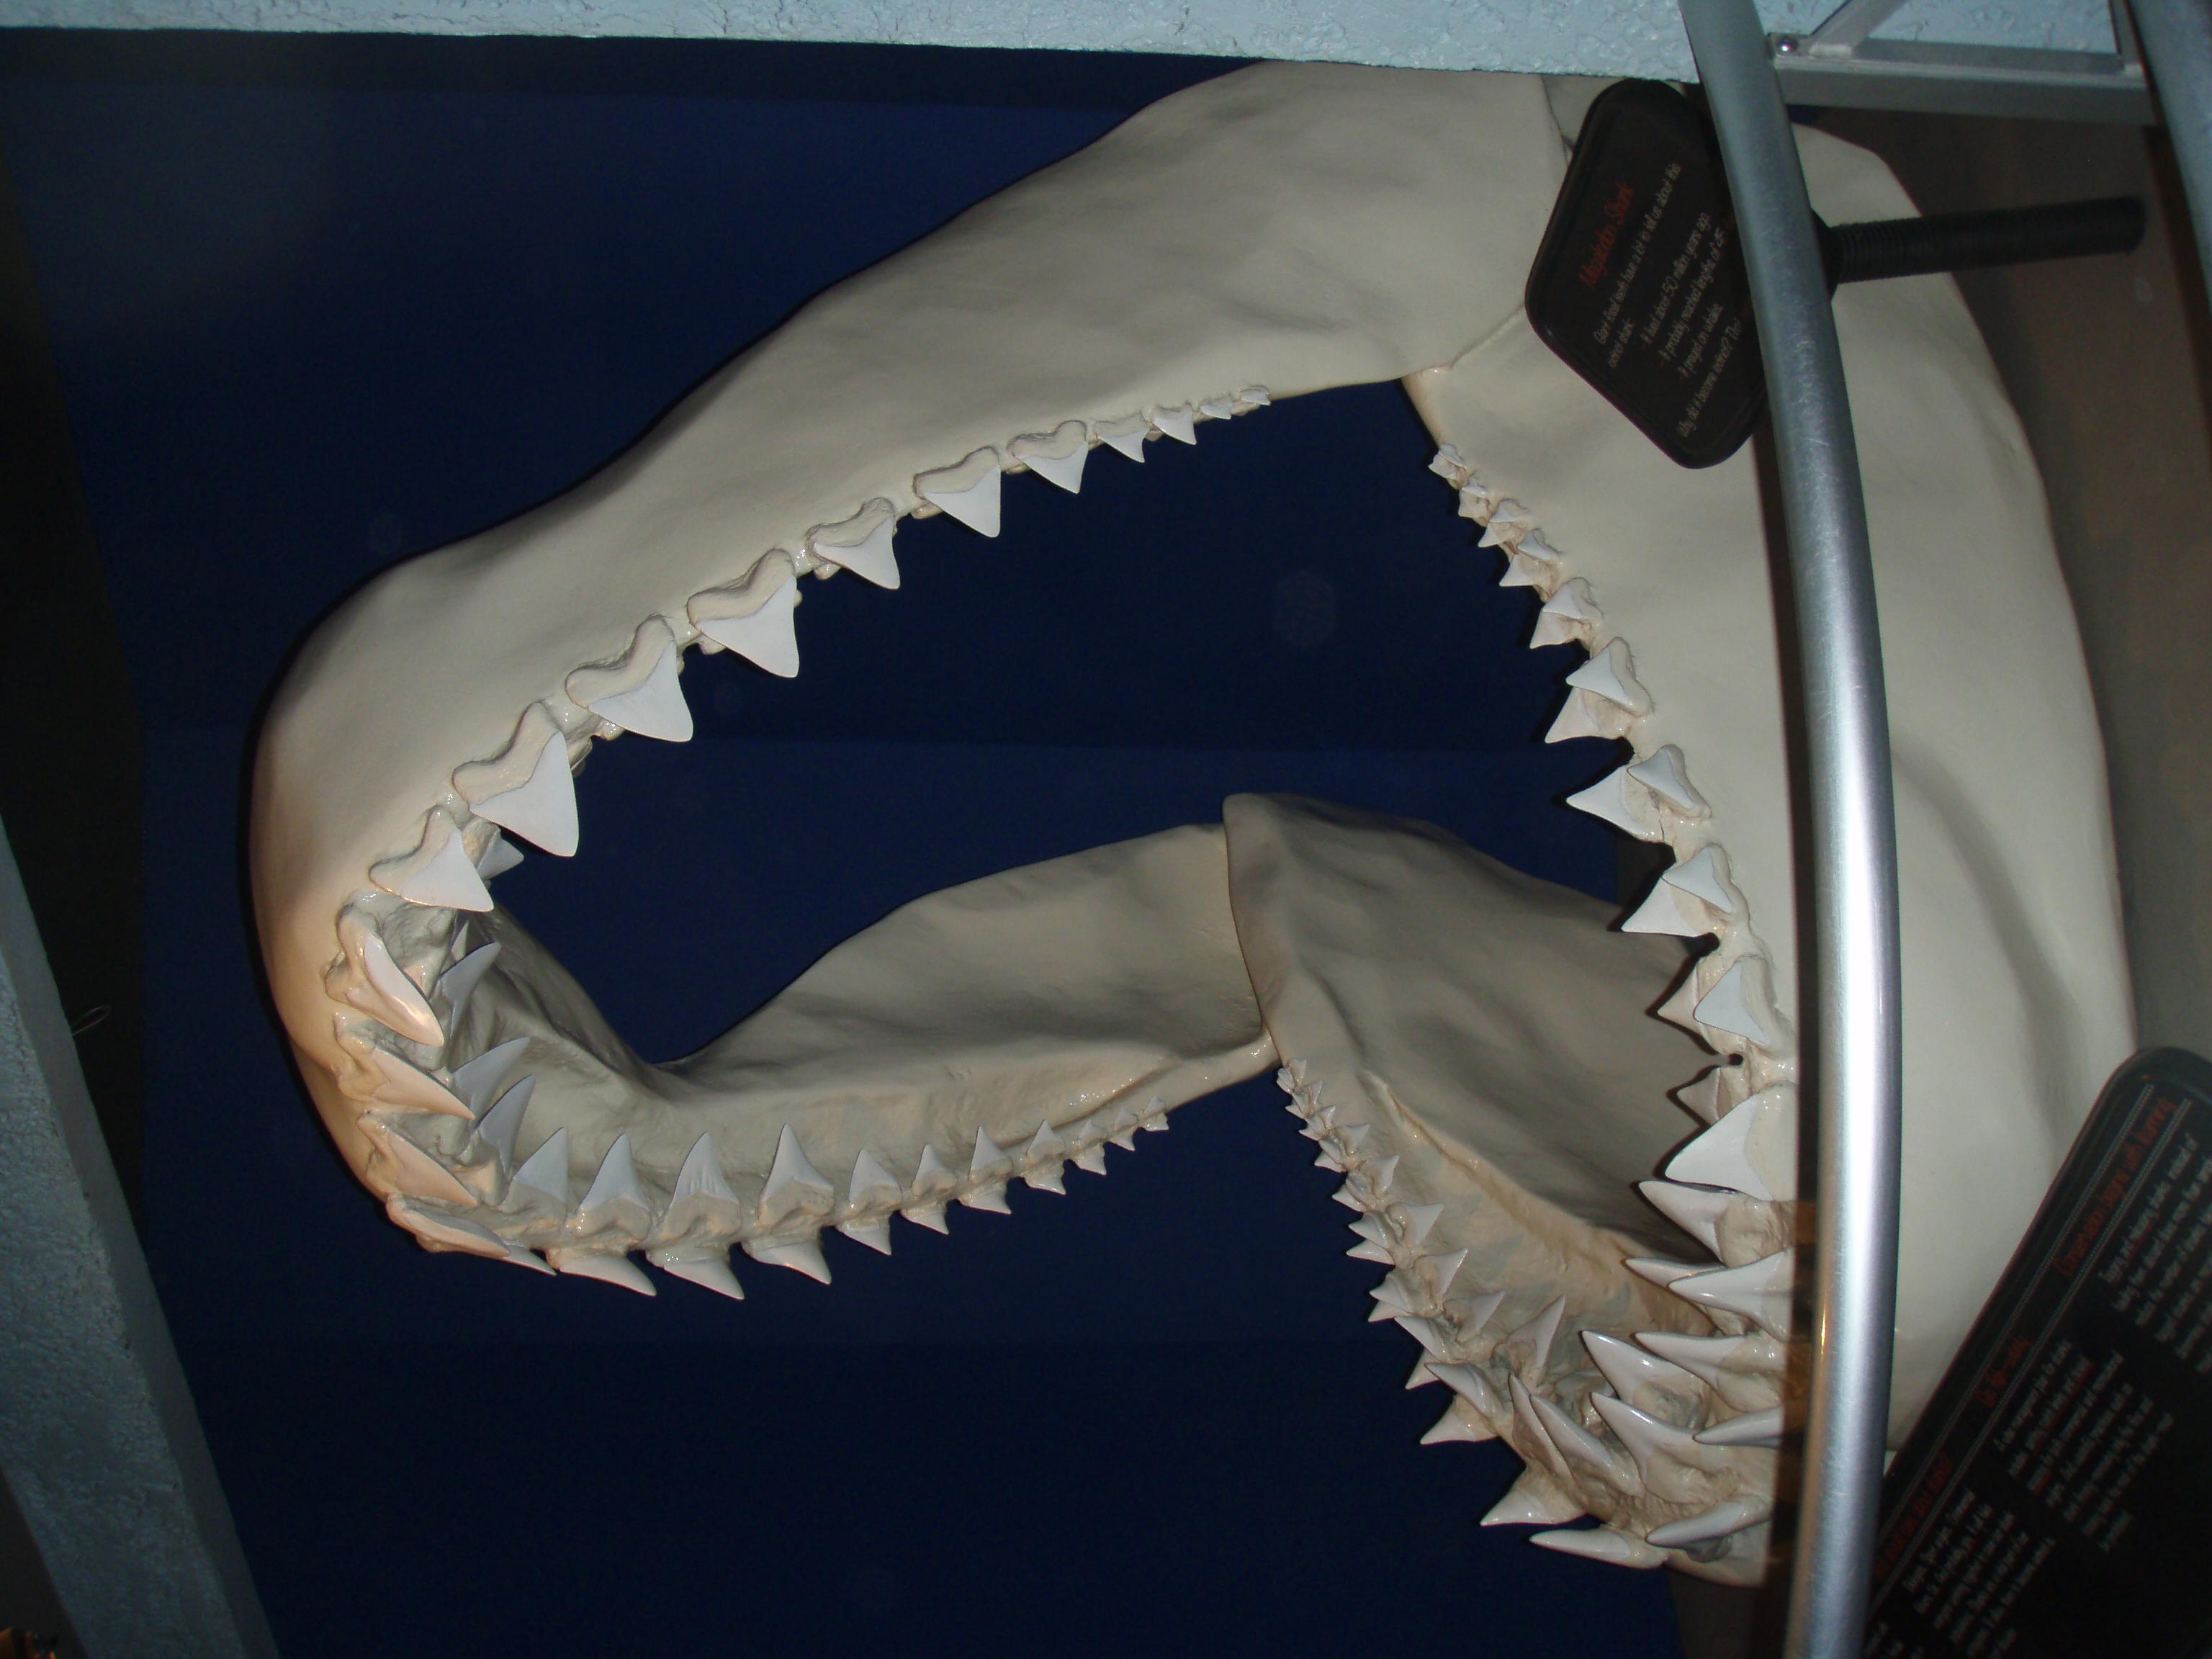 pin de megalodon vs predator x remade en youtube on pinterest